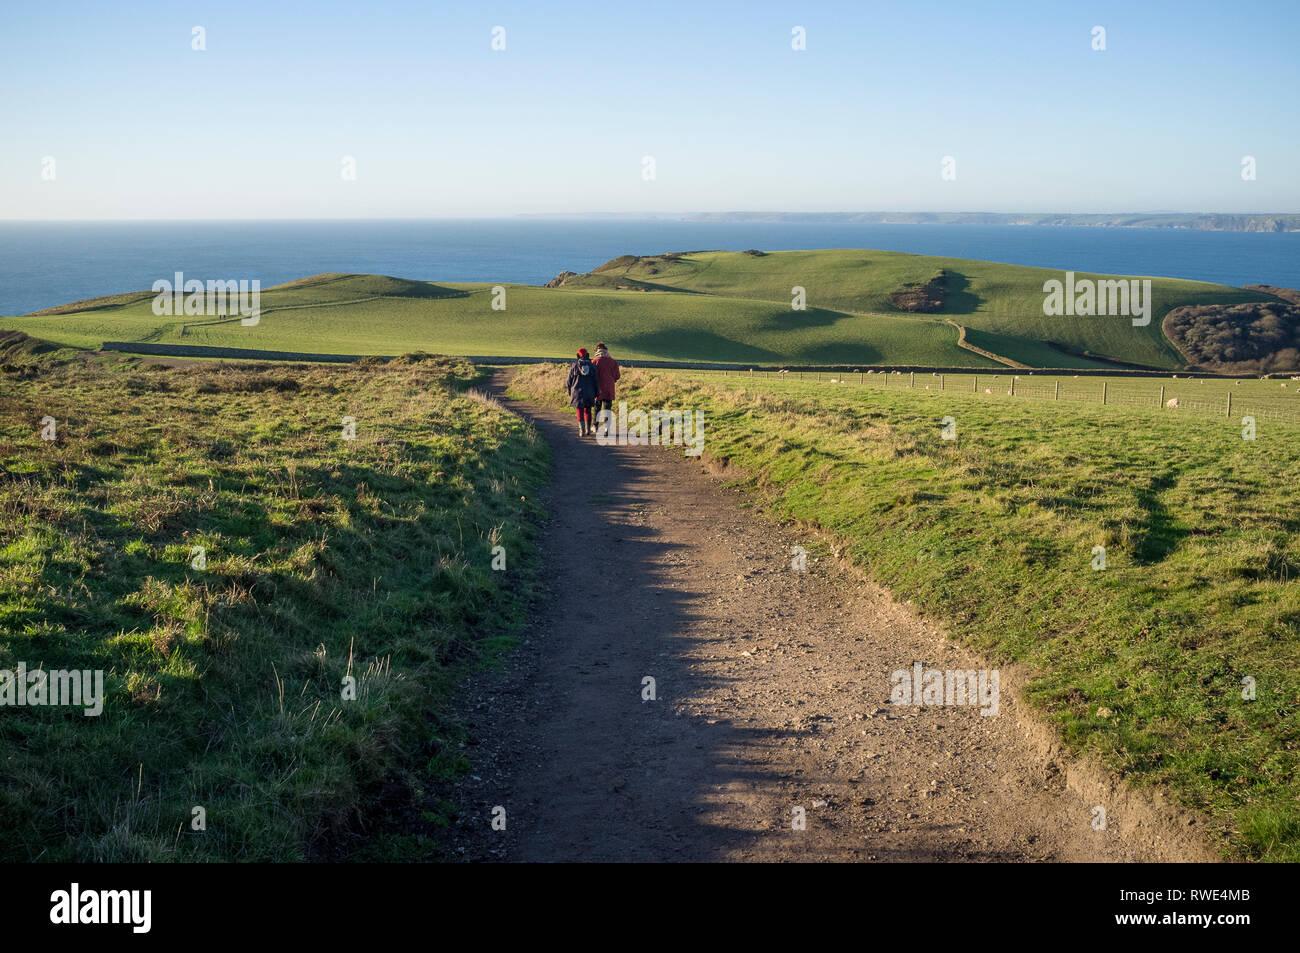 Les Amis à marcher le long de la pointe de la queue, un spectaculaire promenade côtière de Bolberry jusqu'à Hope Cove sur la côte sud du Devon, UK Photo Stock